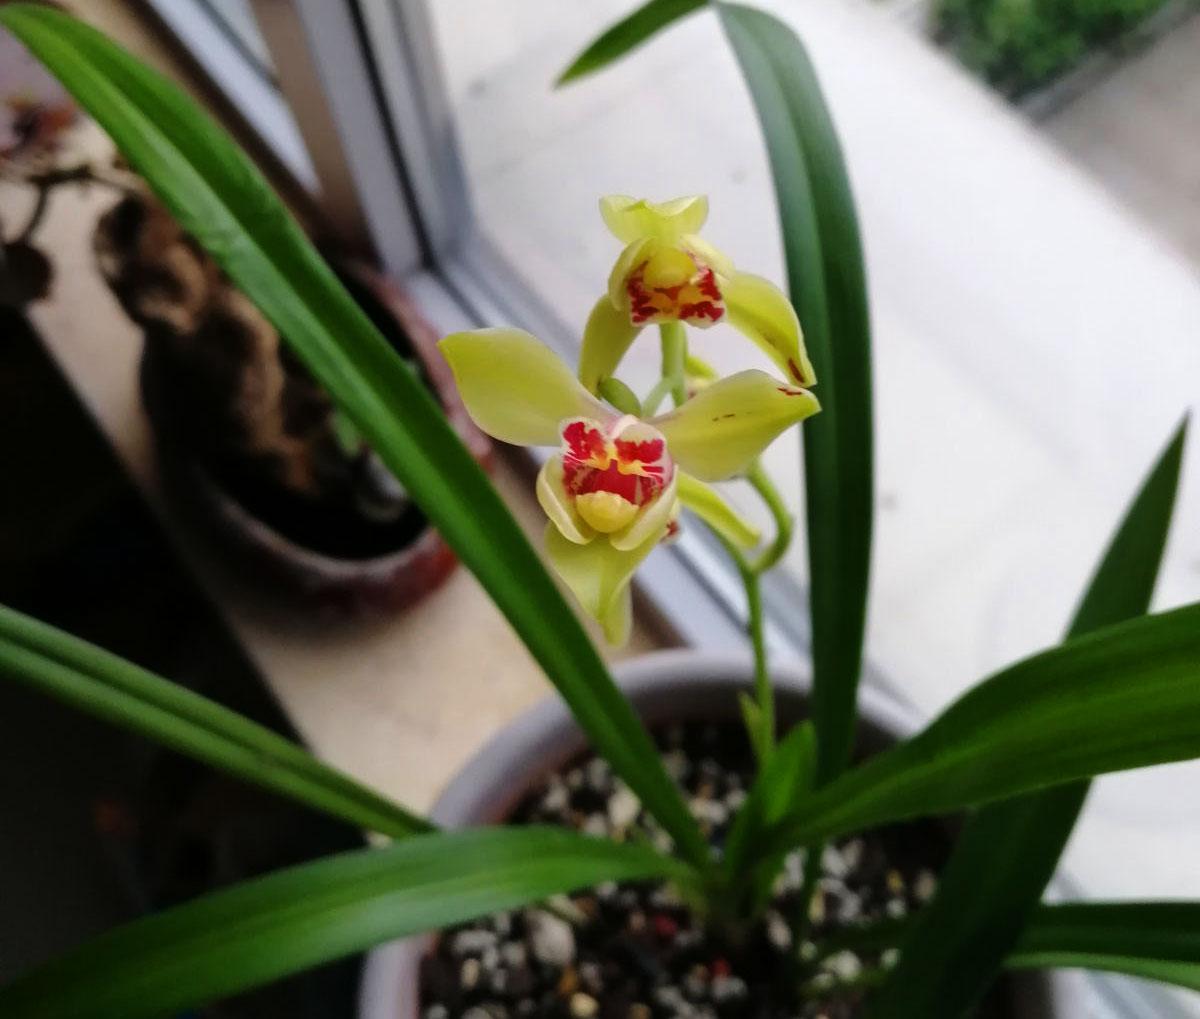 建兰夏皇梅Cym.ensifolium'Xia Huang Mei'